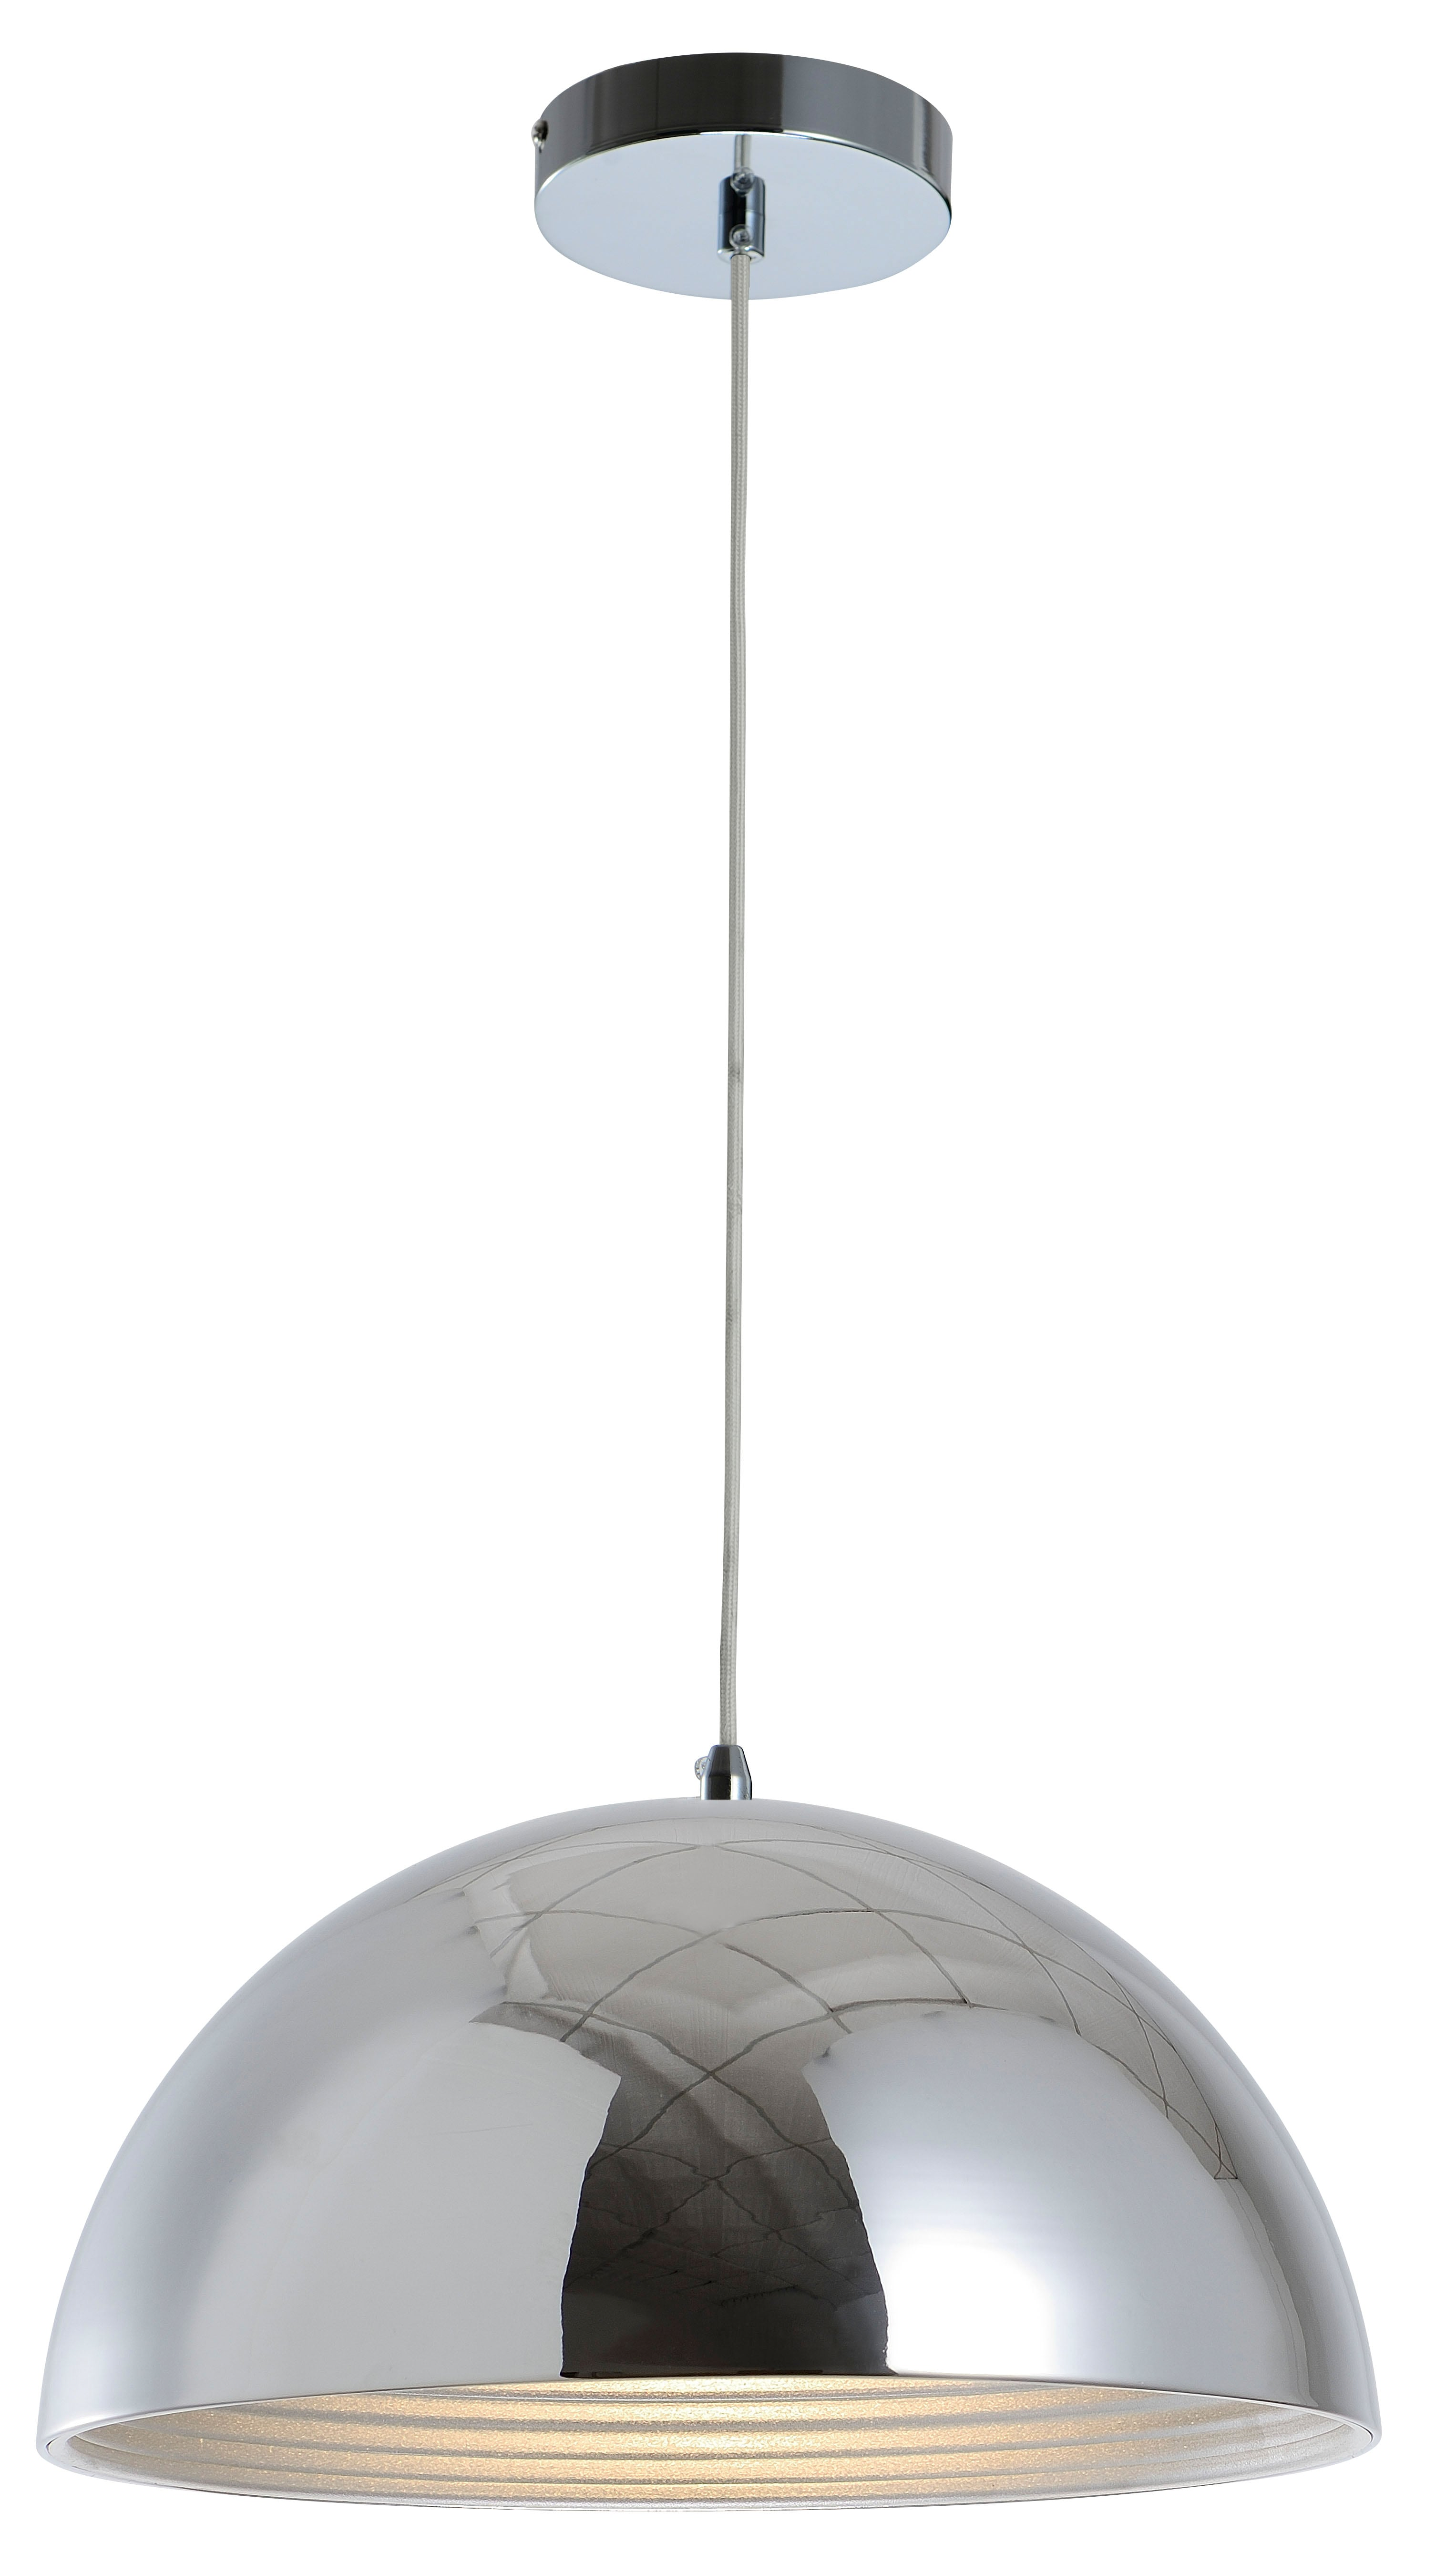 Závěsná půdní lampa Mads chrom E27 60W